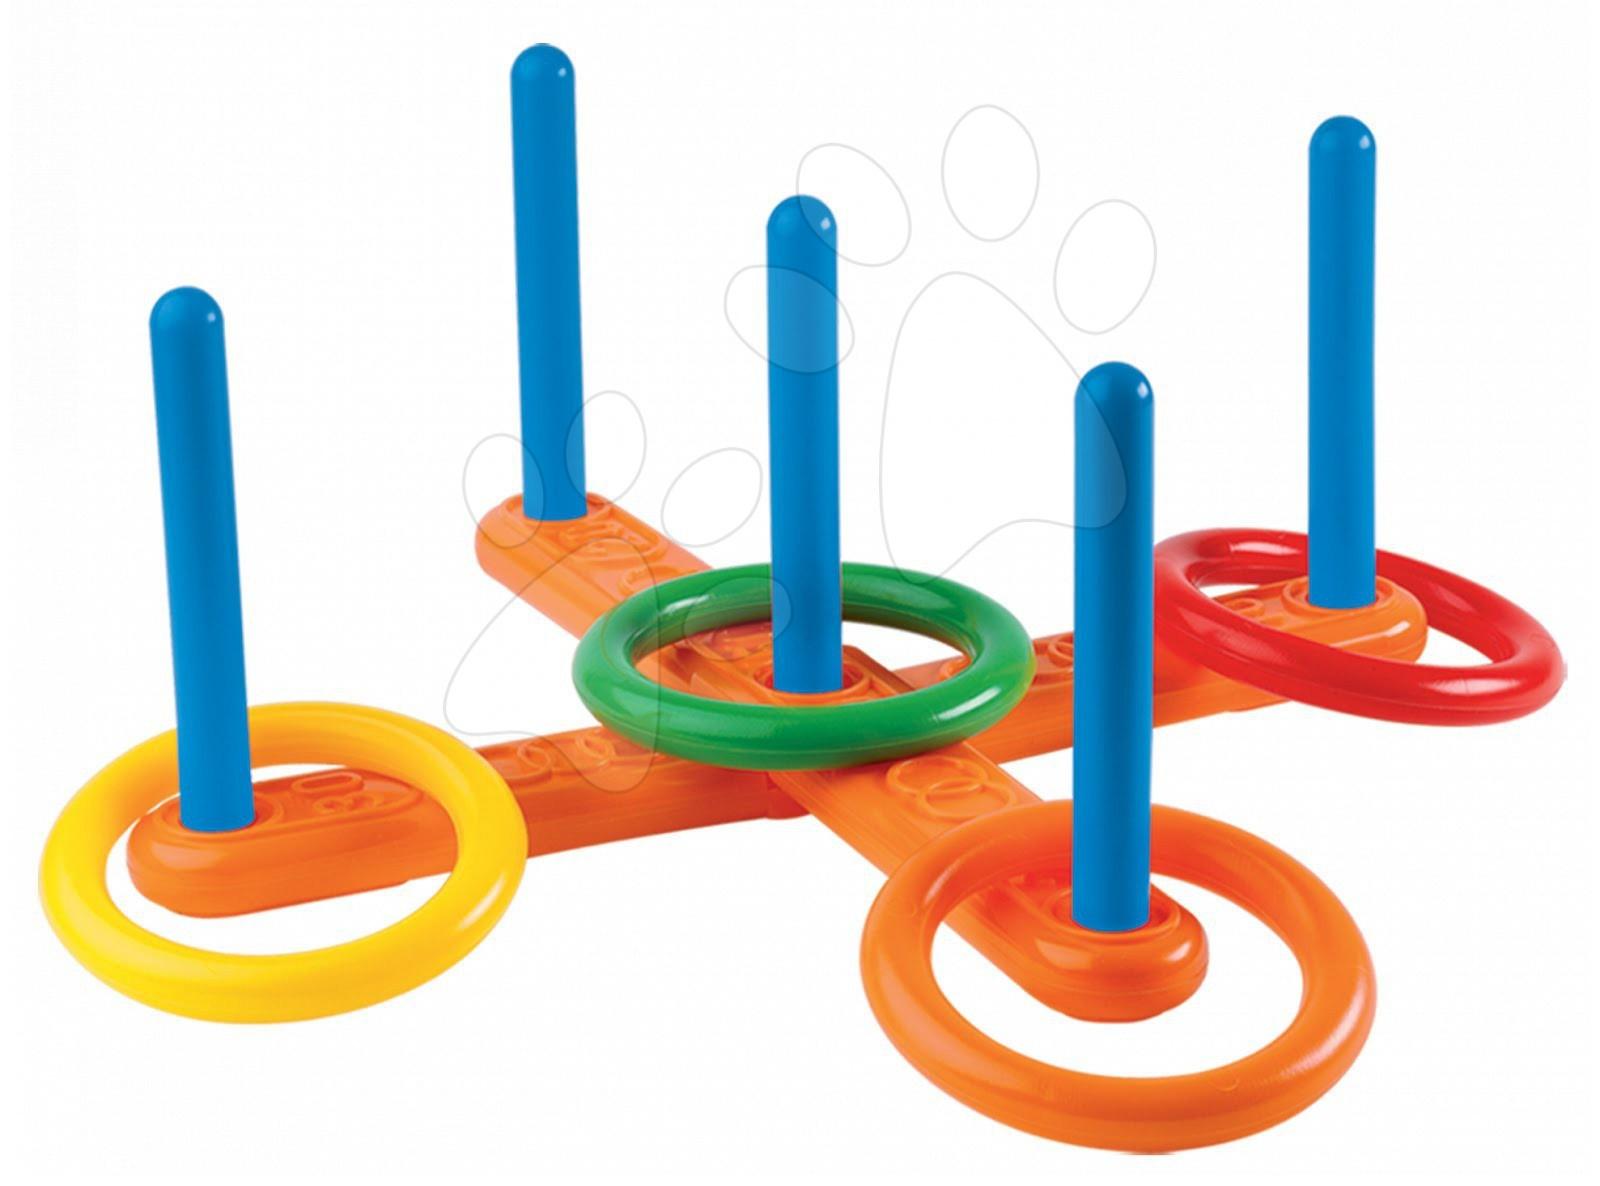 Sportovní hry pro nejmenší - Kruhy na házení Écoiffier a stojan s pěti sloupky od 18 měsíců